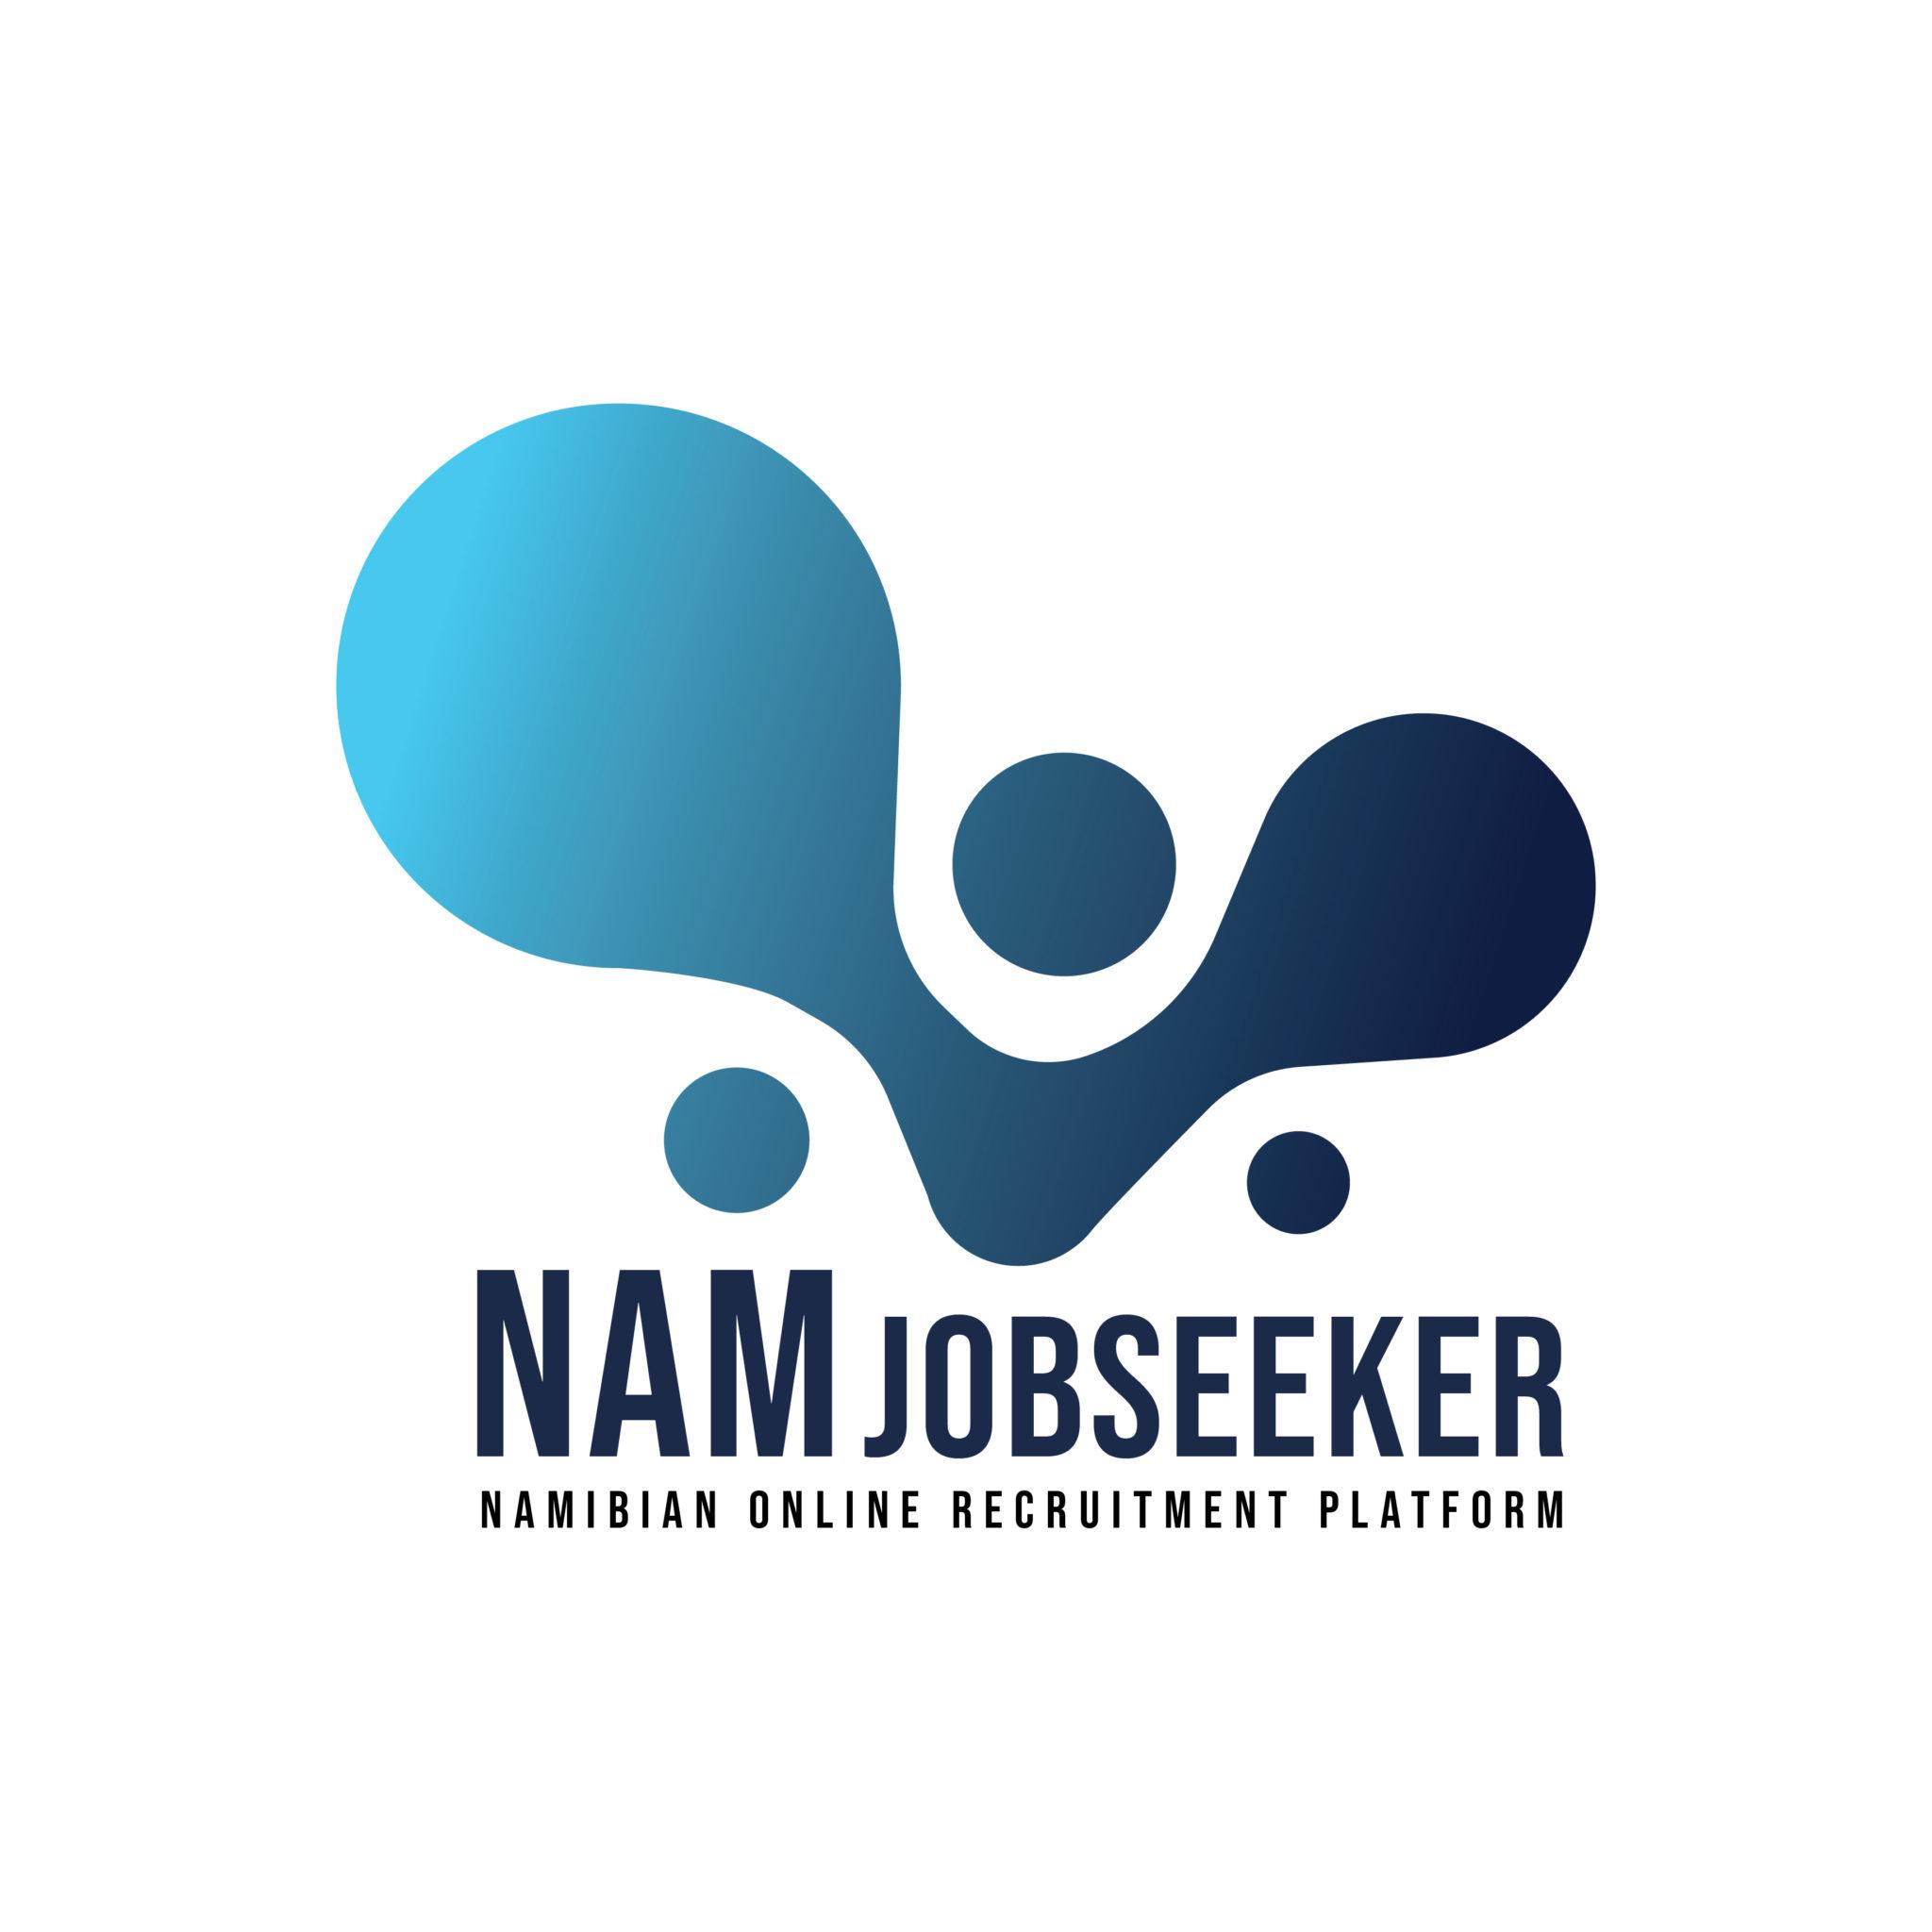 namjobseeker logo